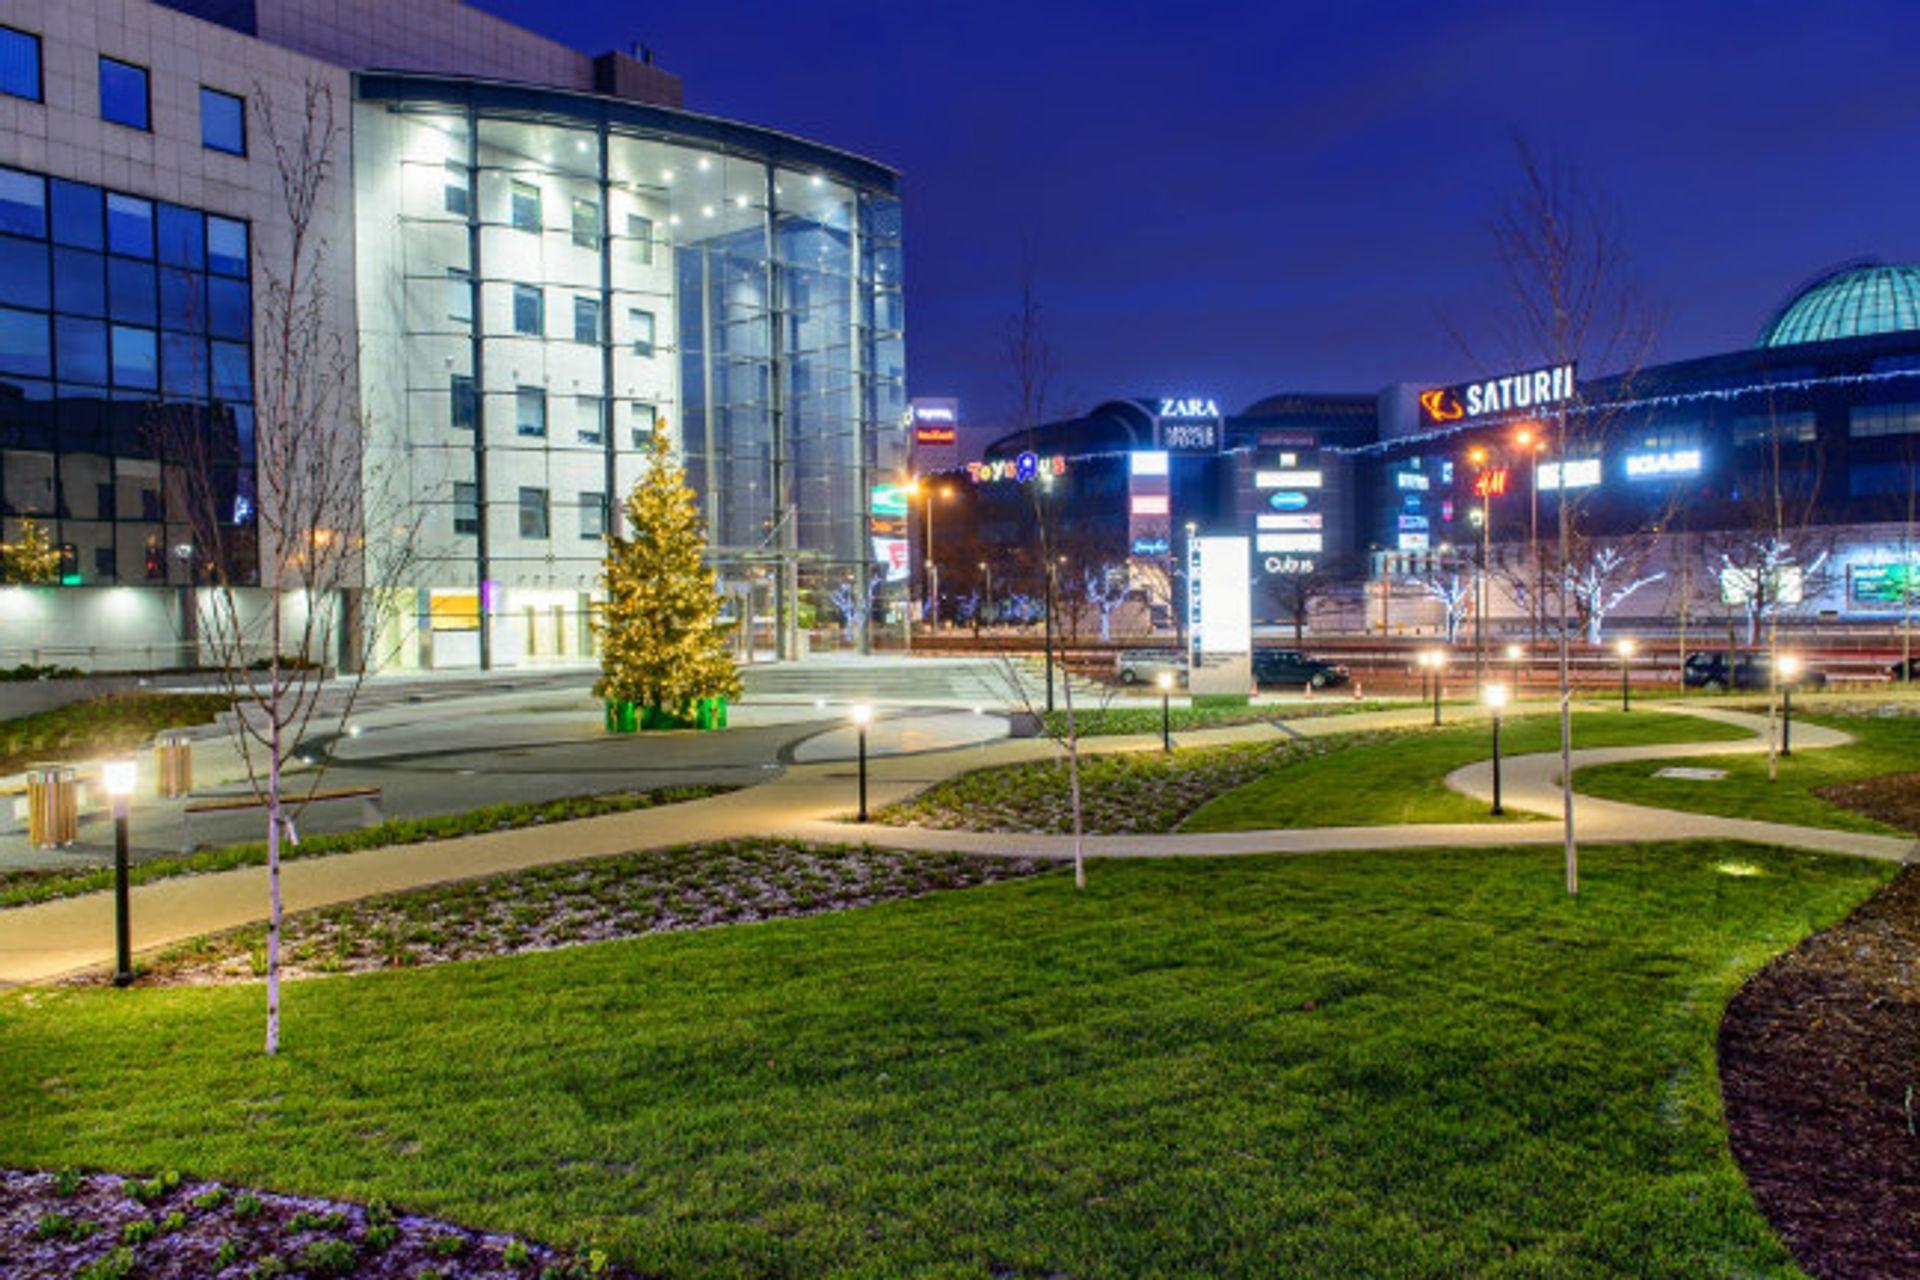 [Warszawa] Jerozolimskie Business Park w nowej odsłonie rusza z rekomercjalizacją